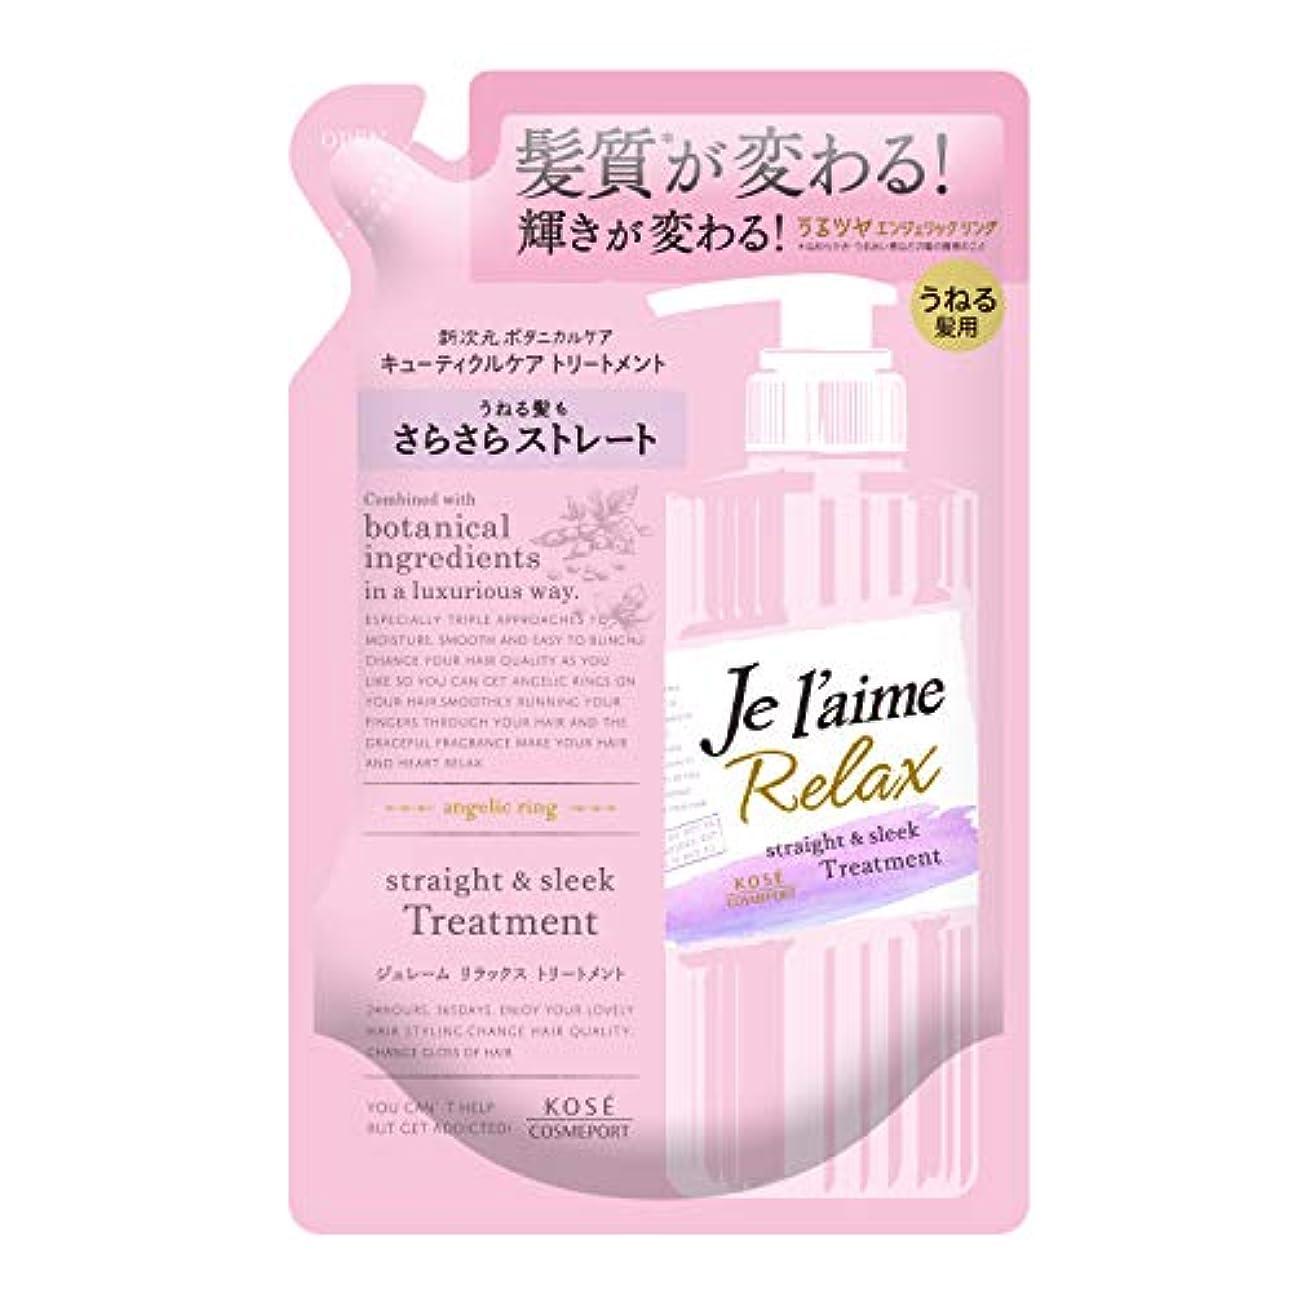 低い乱闘フォージKOSE ジュレーム リラックス トリートメント(ストレート&スリーク)つめかえ うねる髪用 360mL